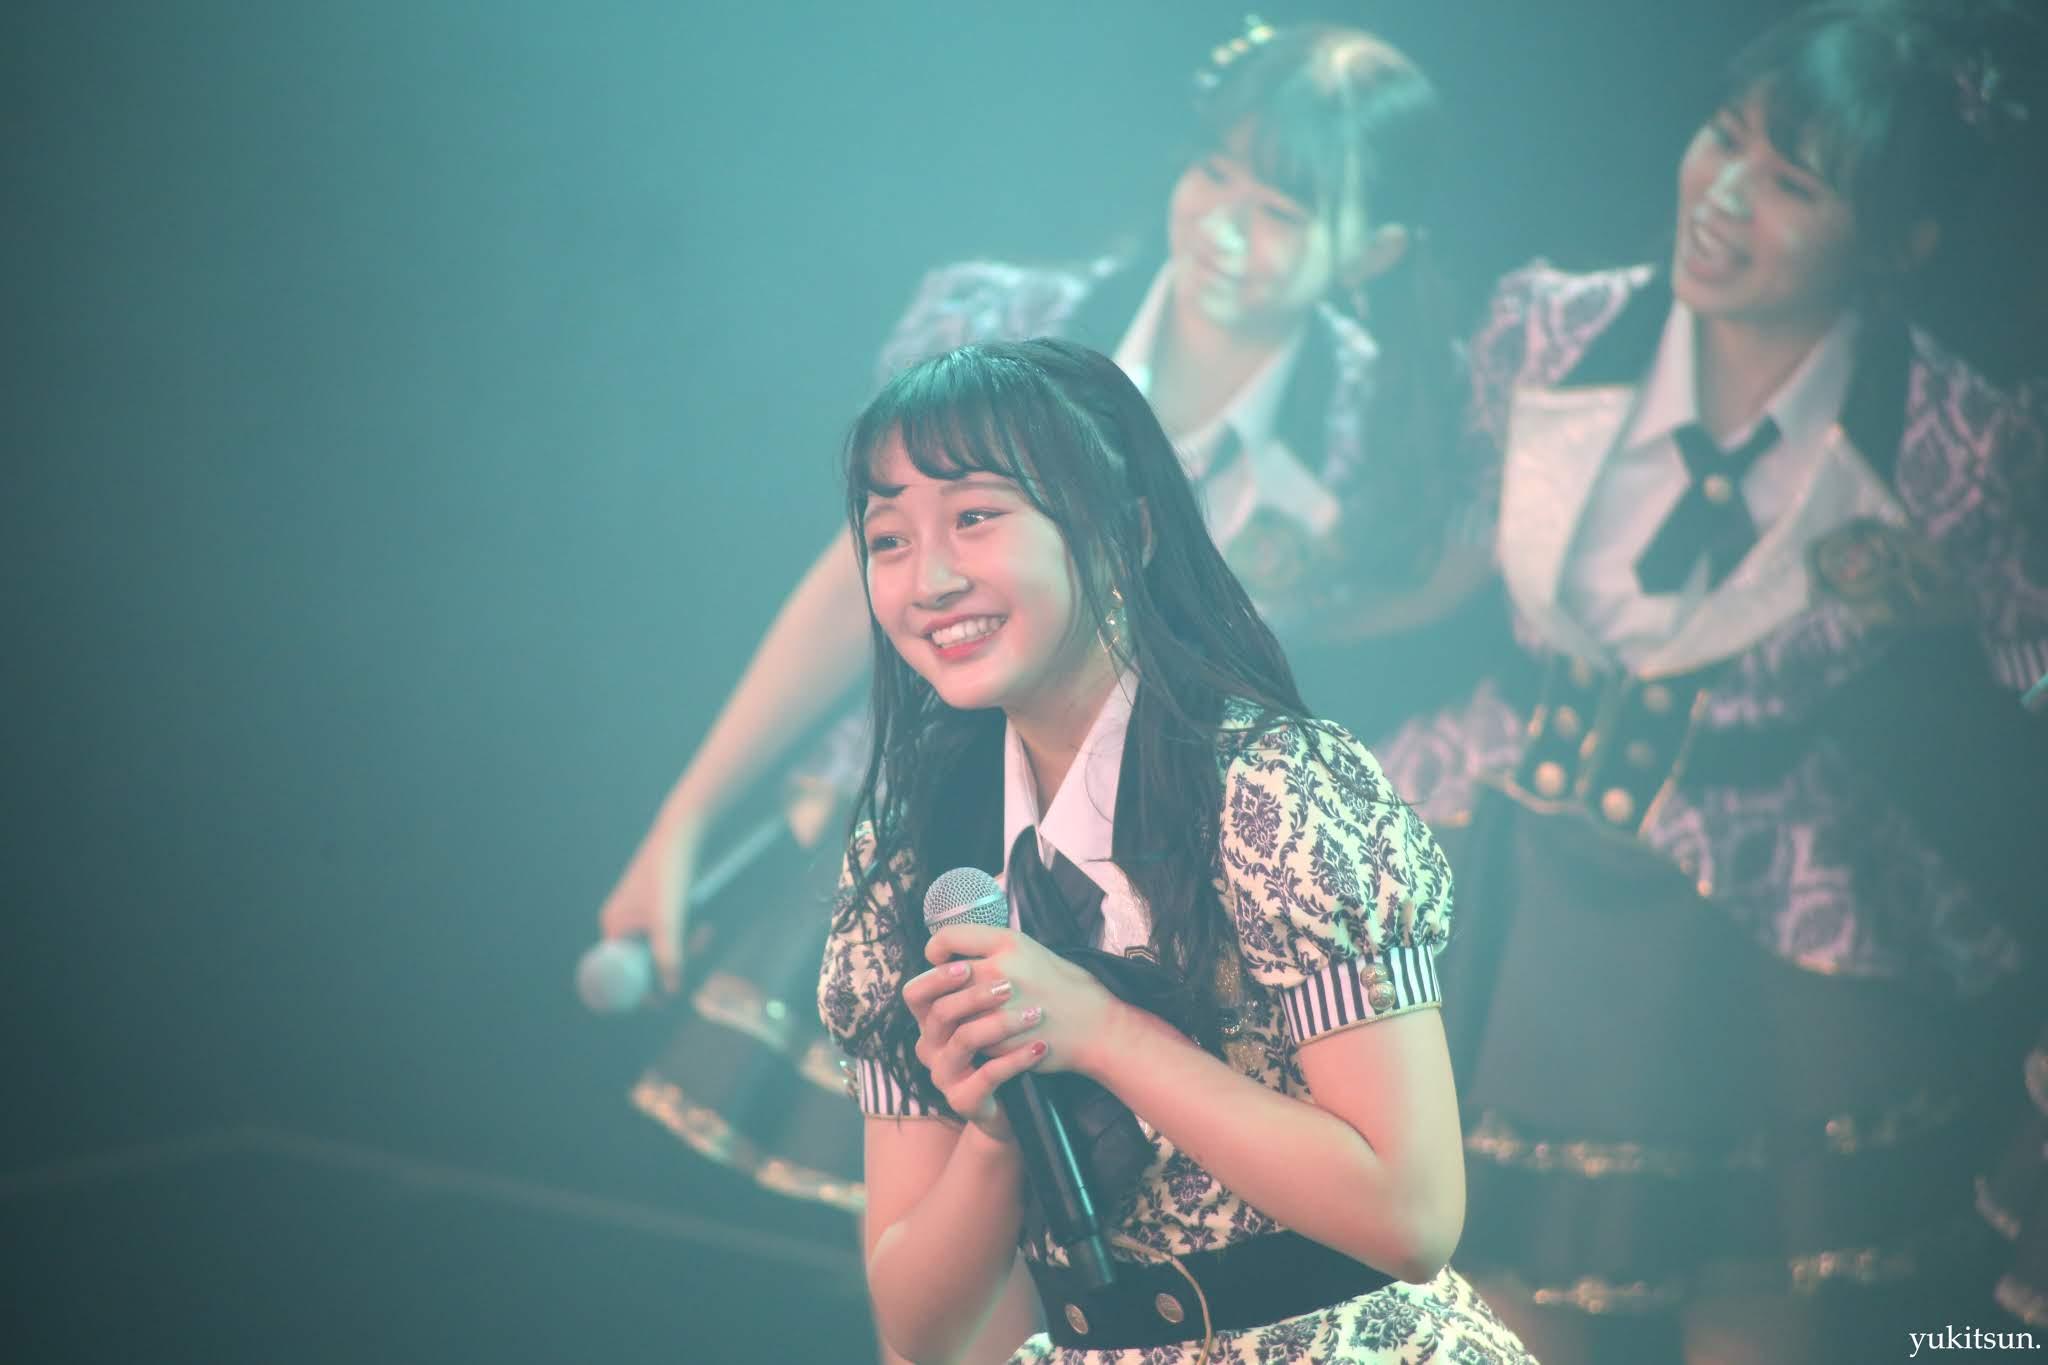 shinjidai-37